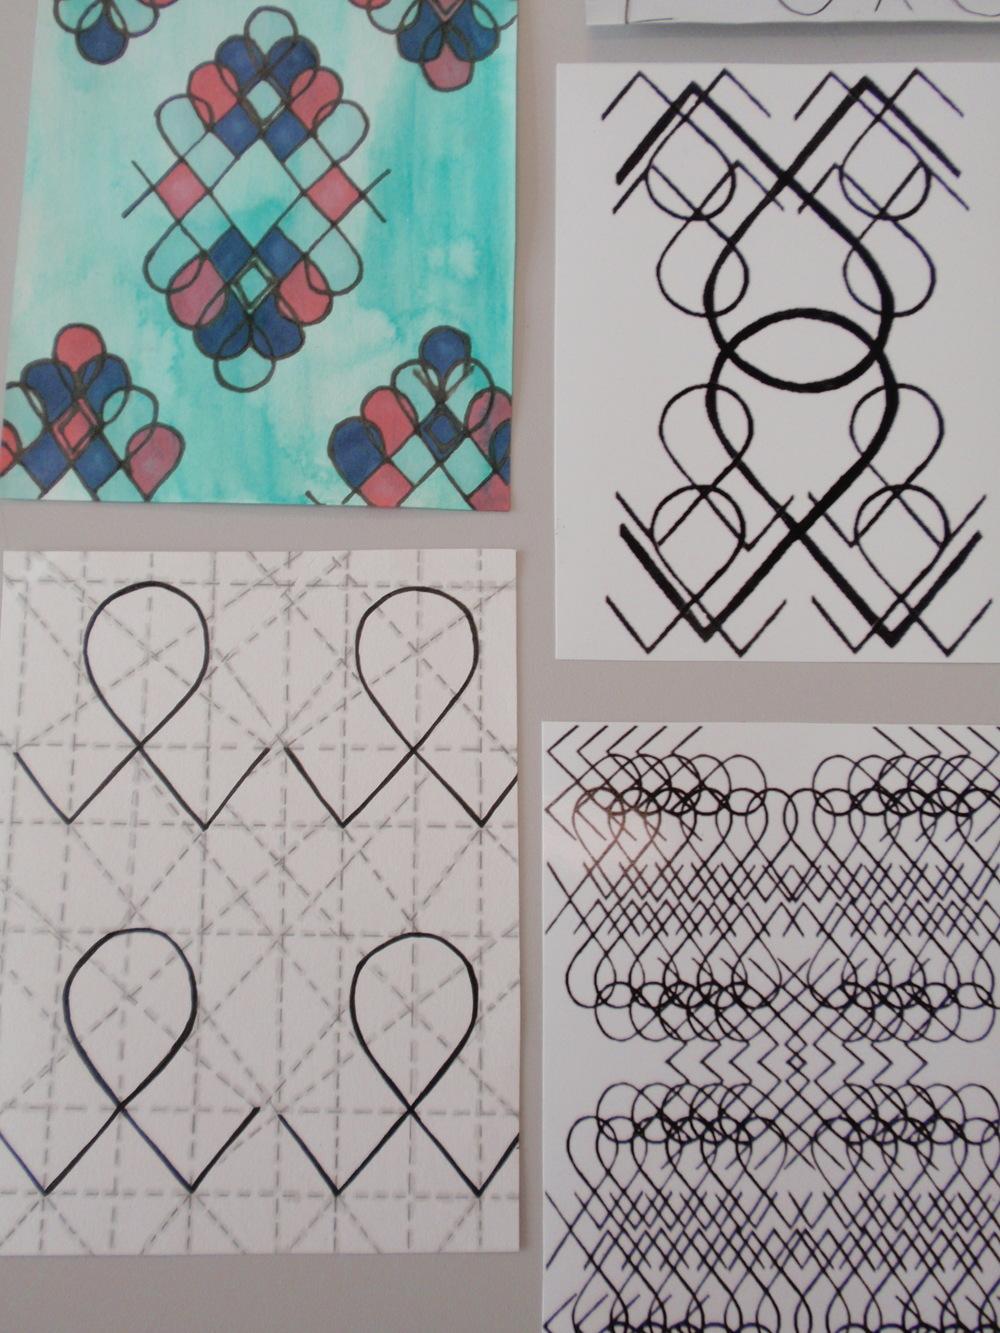 Natalie McComb, Textile design based on archival motif, 2016